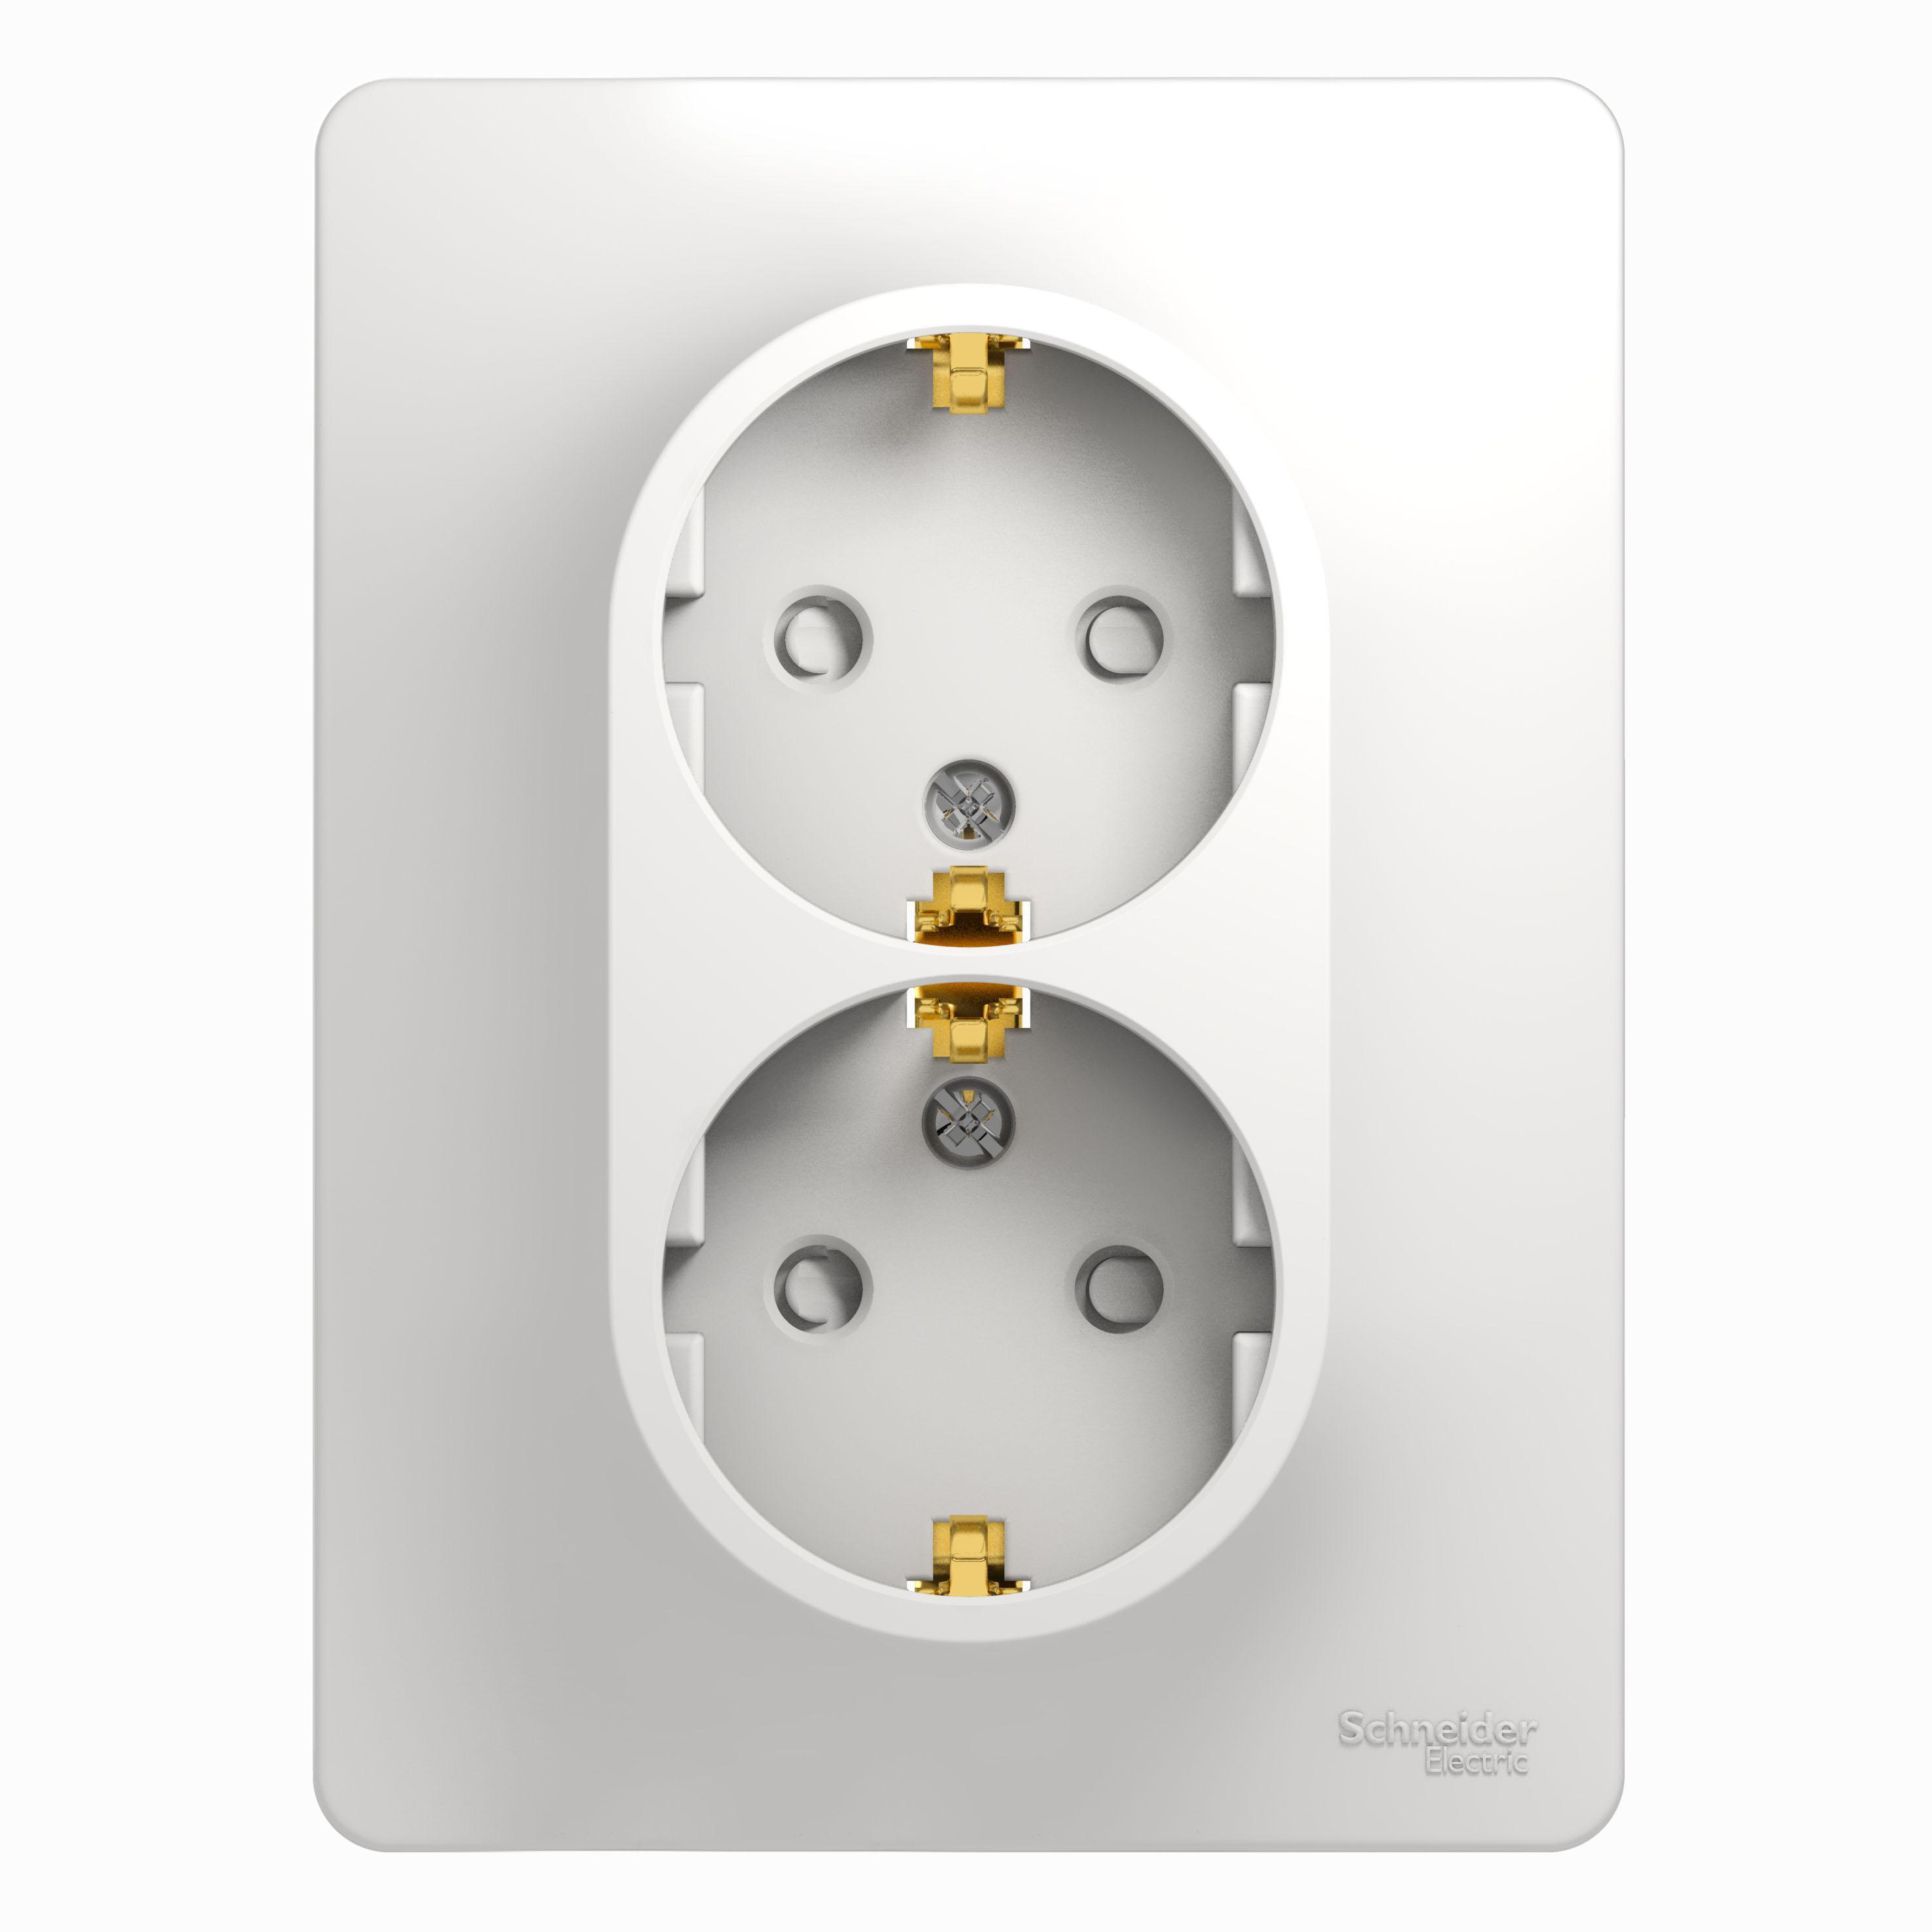 Розетка Schneider electric Gsl000126 glossa болторез stanley l 450 мм 18 1 95 564